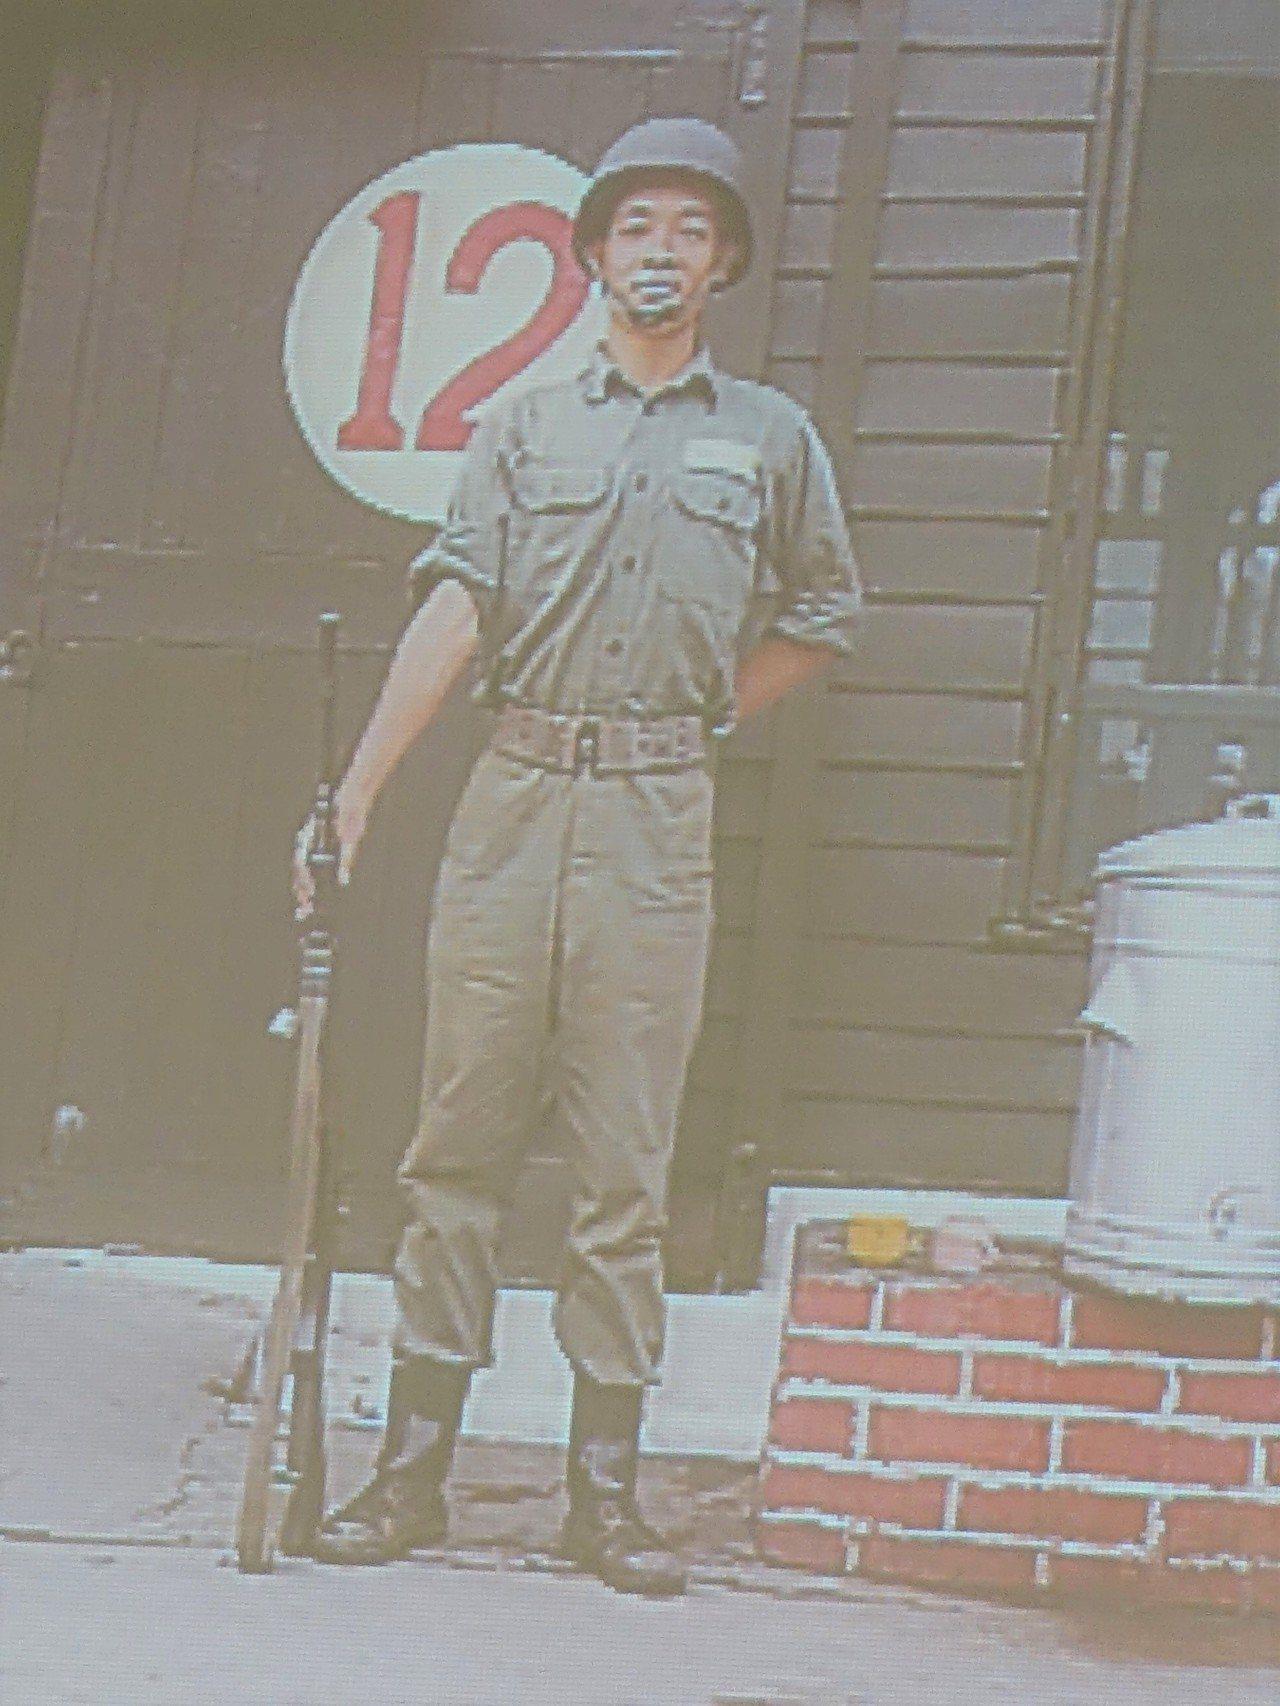 這是賴清德當兵時的青澀模樣。記者翁禎霞/翻攝